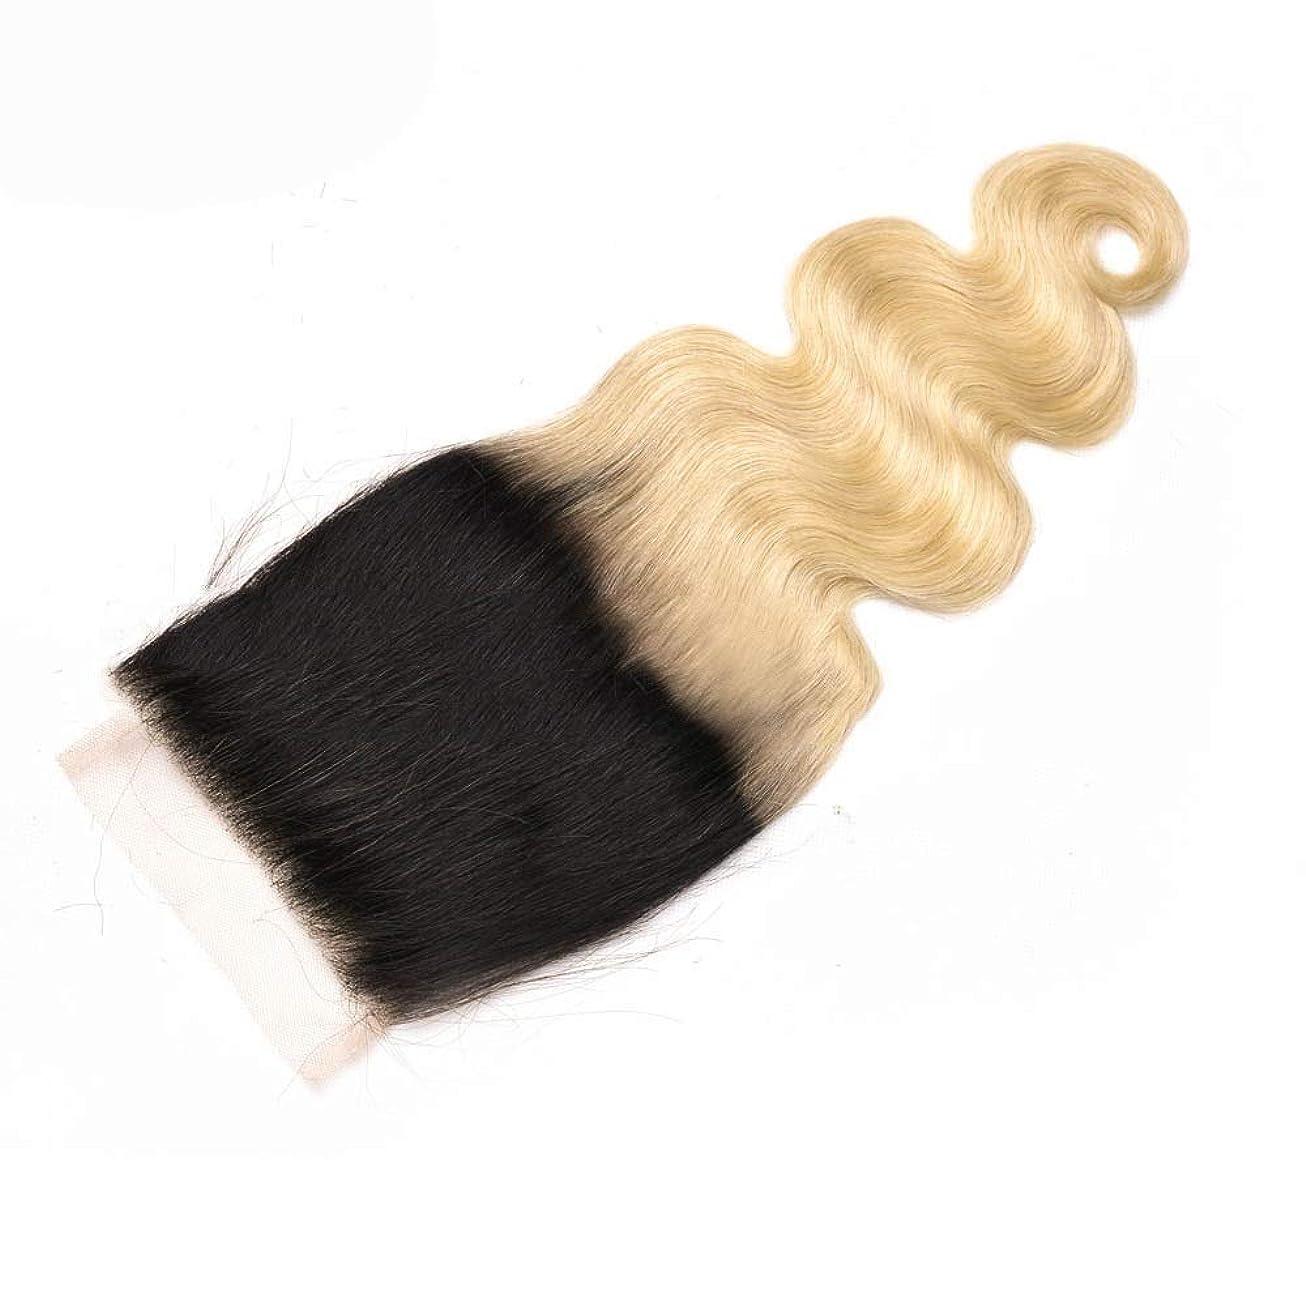 父方の抵抗スロープYESONEEP ブラジルの本物の人間の髪の実体波レース前頭閉鎖 - ブロンド2トーンカラーロールプレイングかつら女性の自然なかつらにT1b / 613#黒 (色 : Blonde, サイズ : 20 inch)